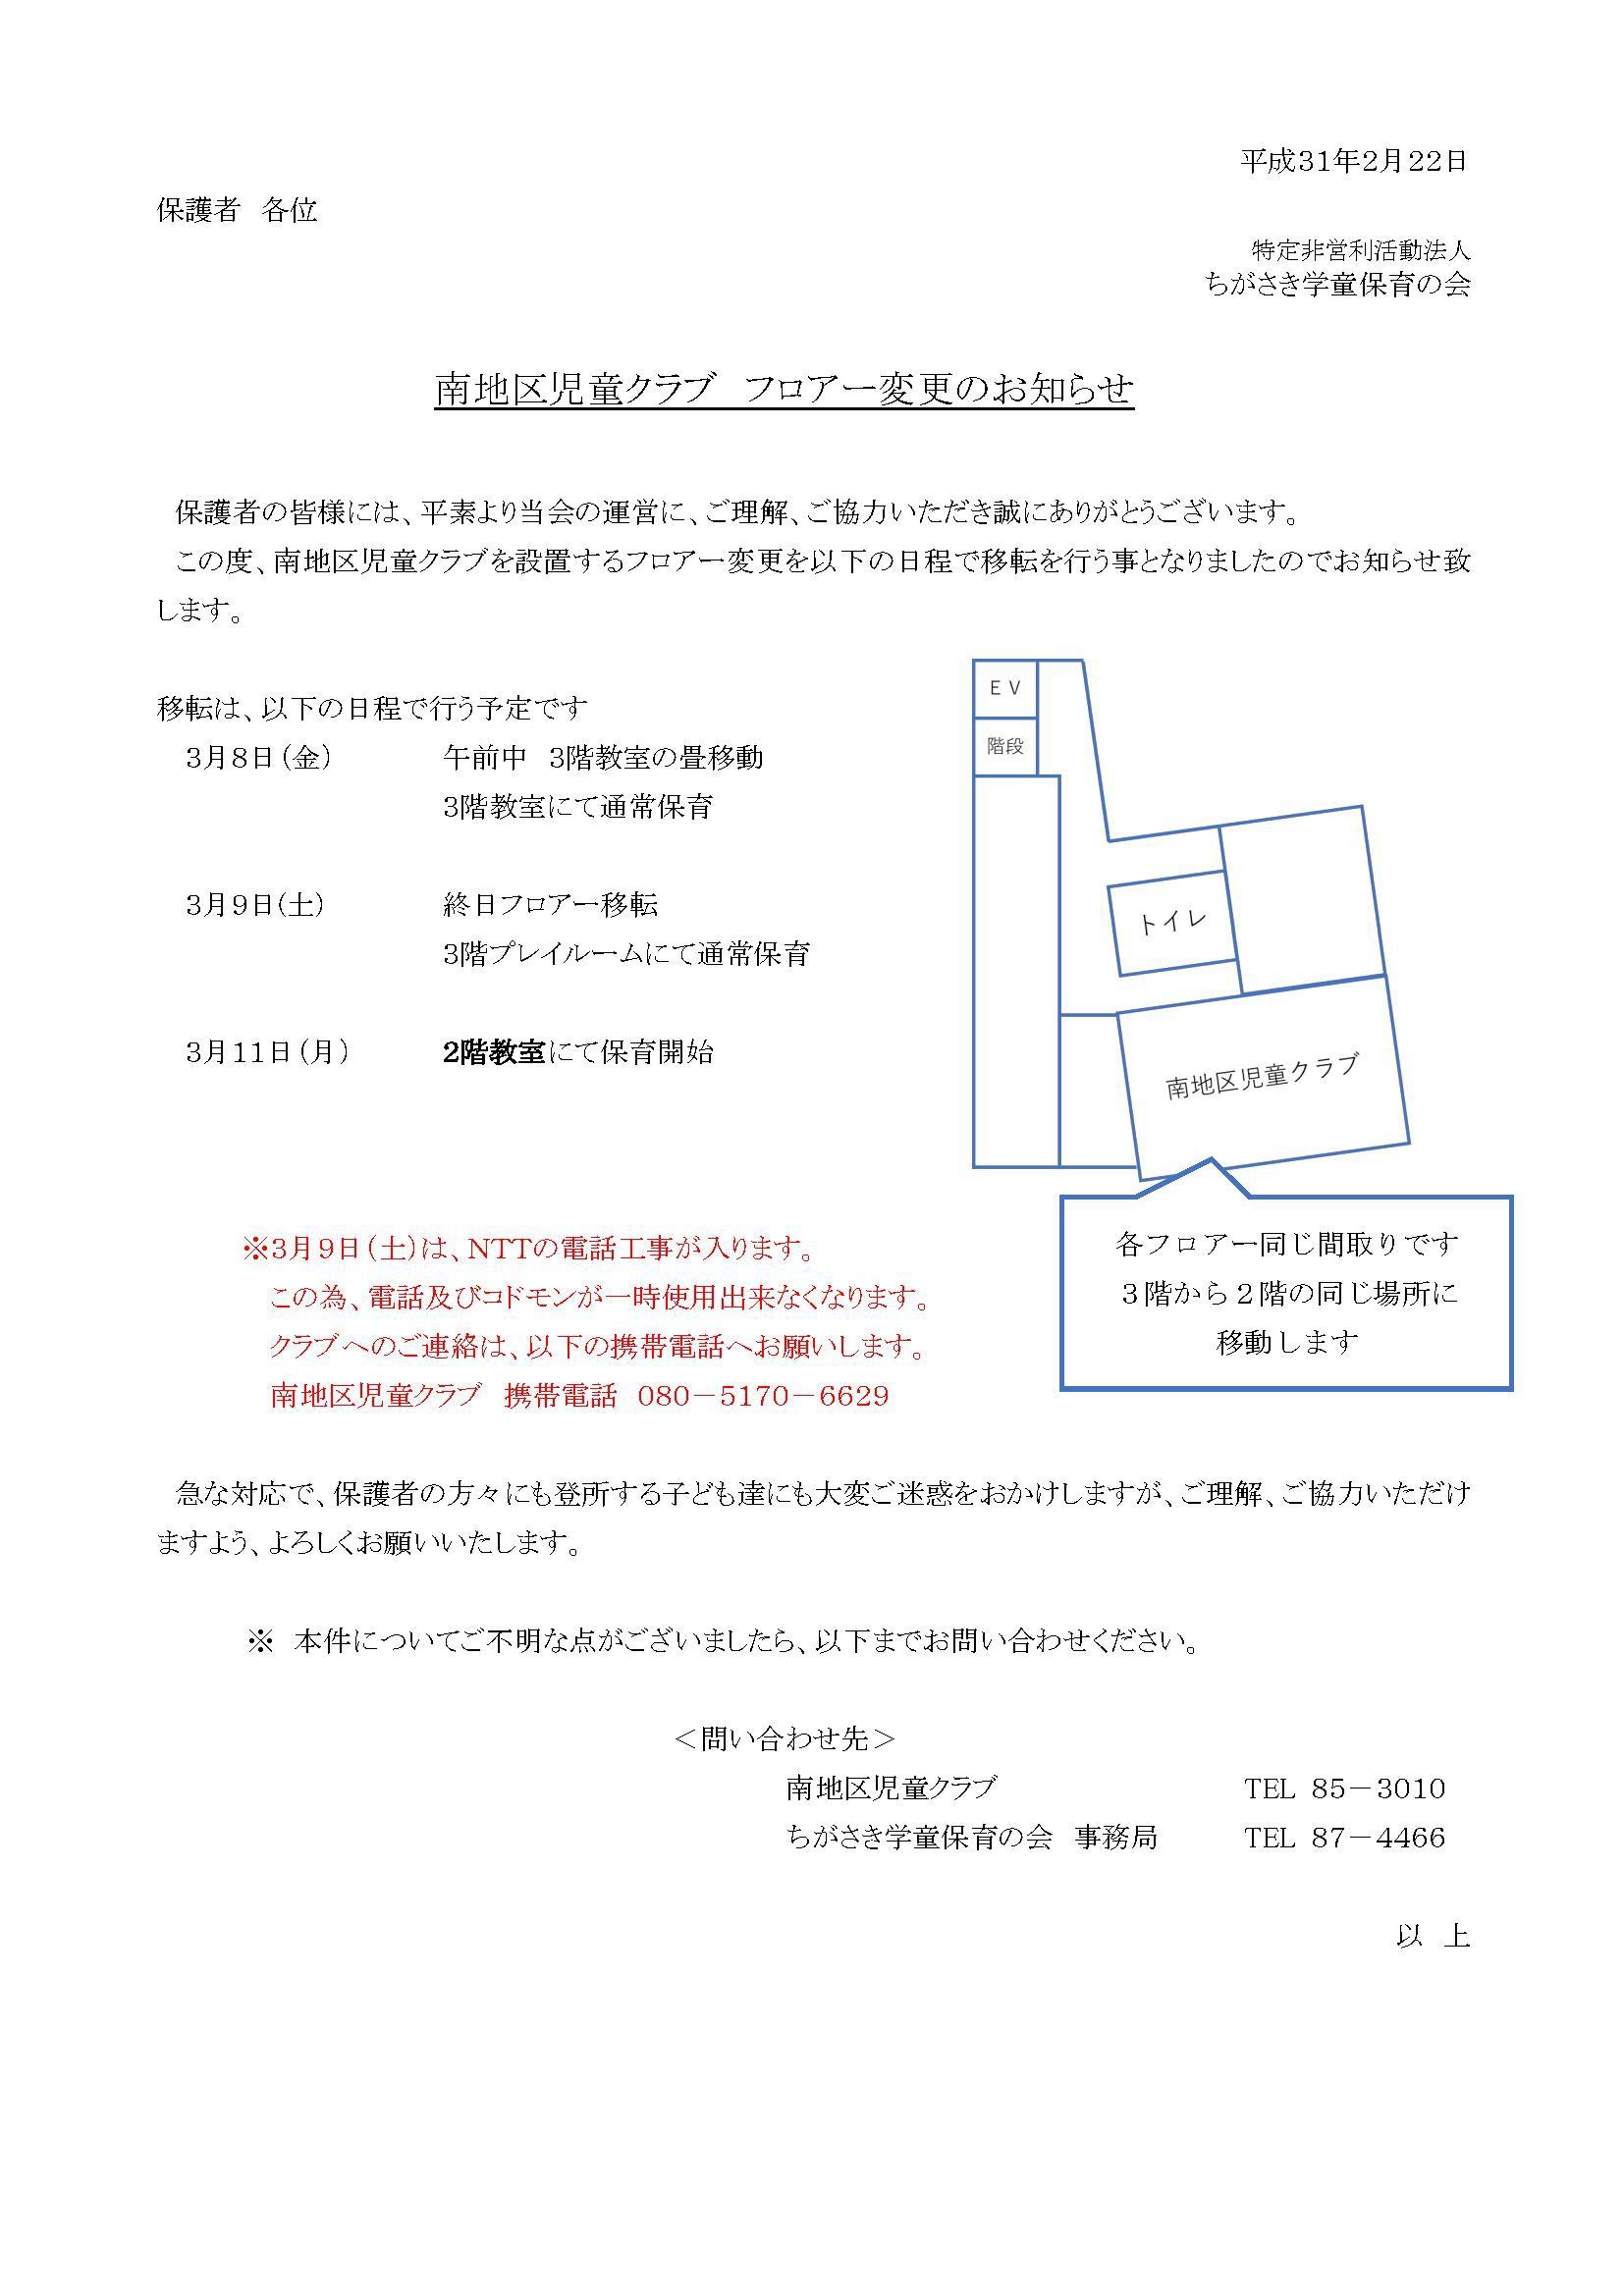 28南地区児童クラブ フロアー変更のお知らせ.jpg